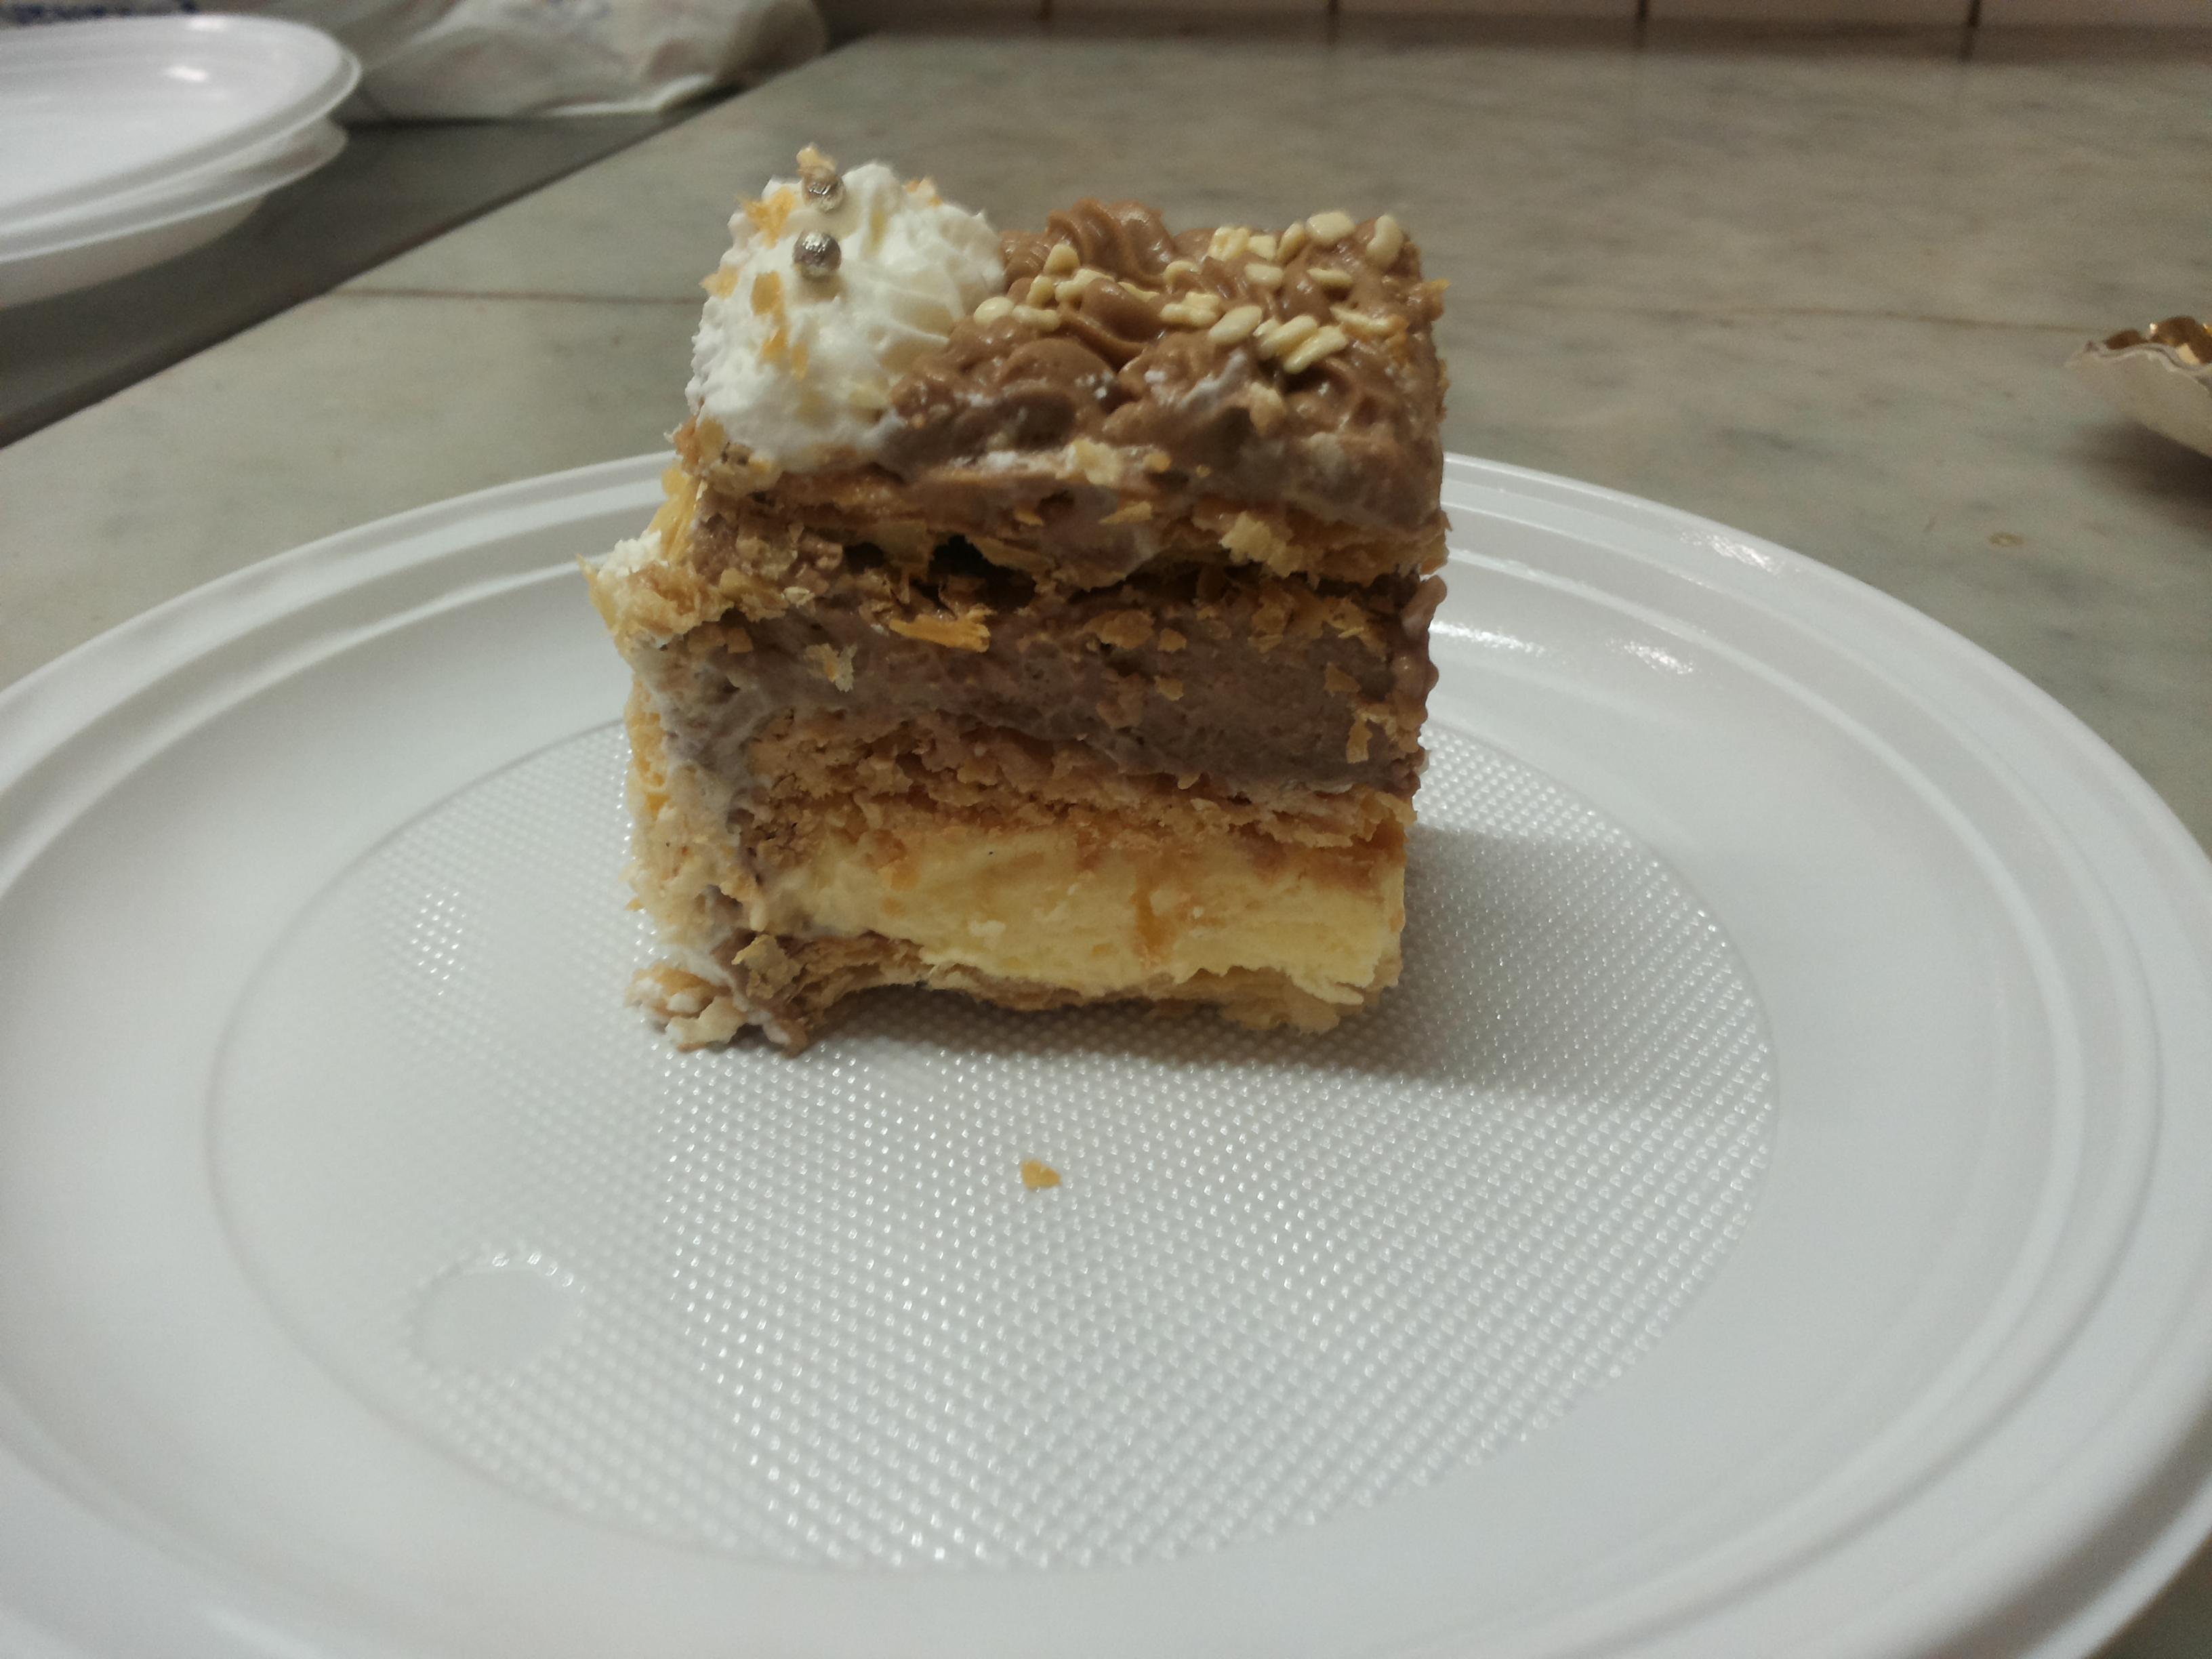 Torta millefoglie torta 18 anni zucchero lievito e farina for Decorazione torte millefoglie